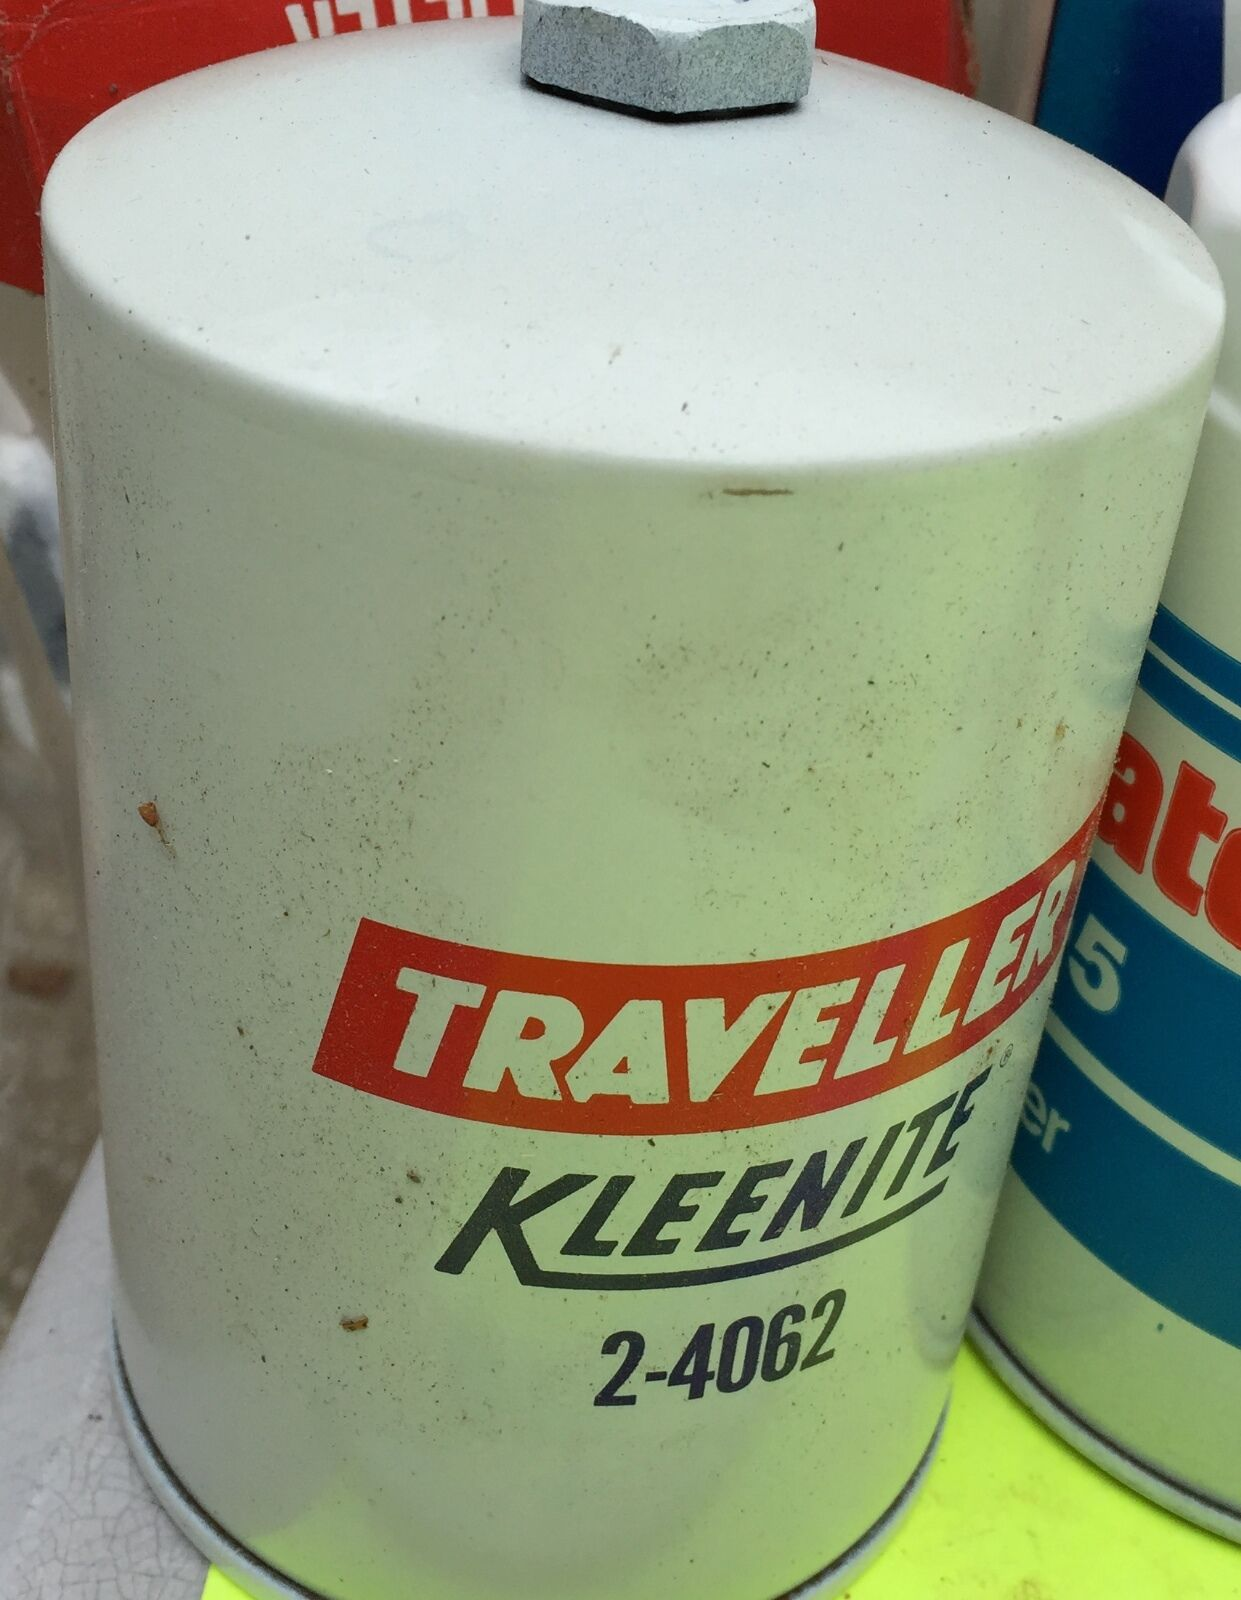 U.S. old cars, Oil filter.    Kleenite 2-4062.        Item:  4645